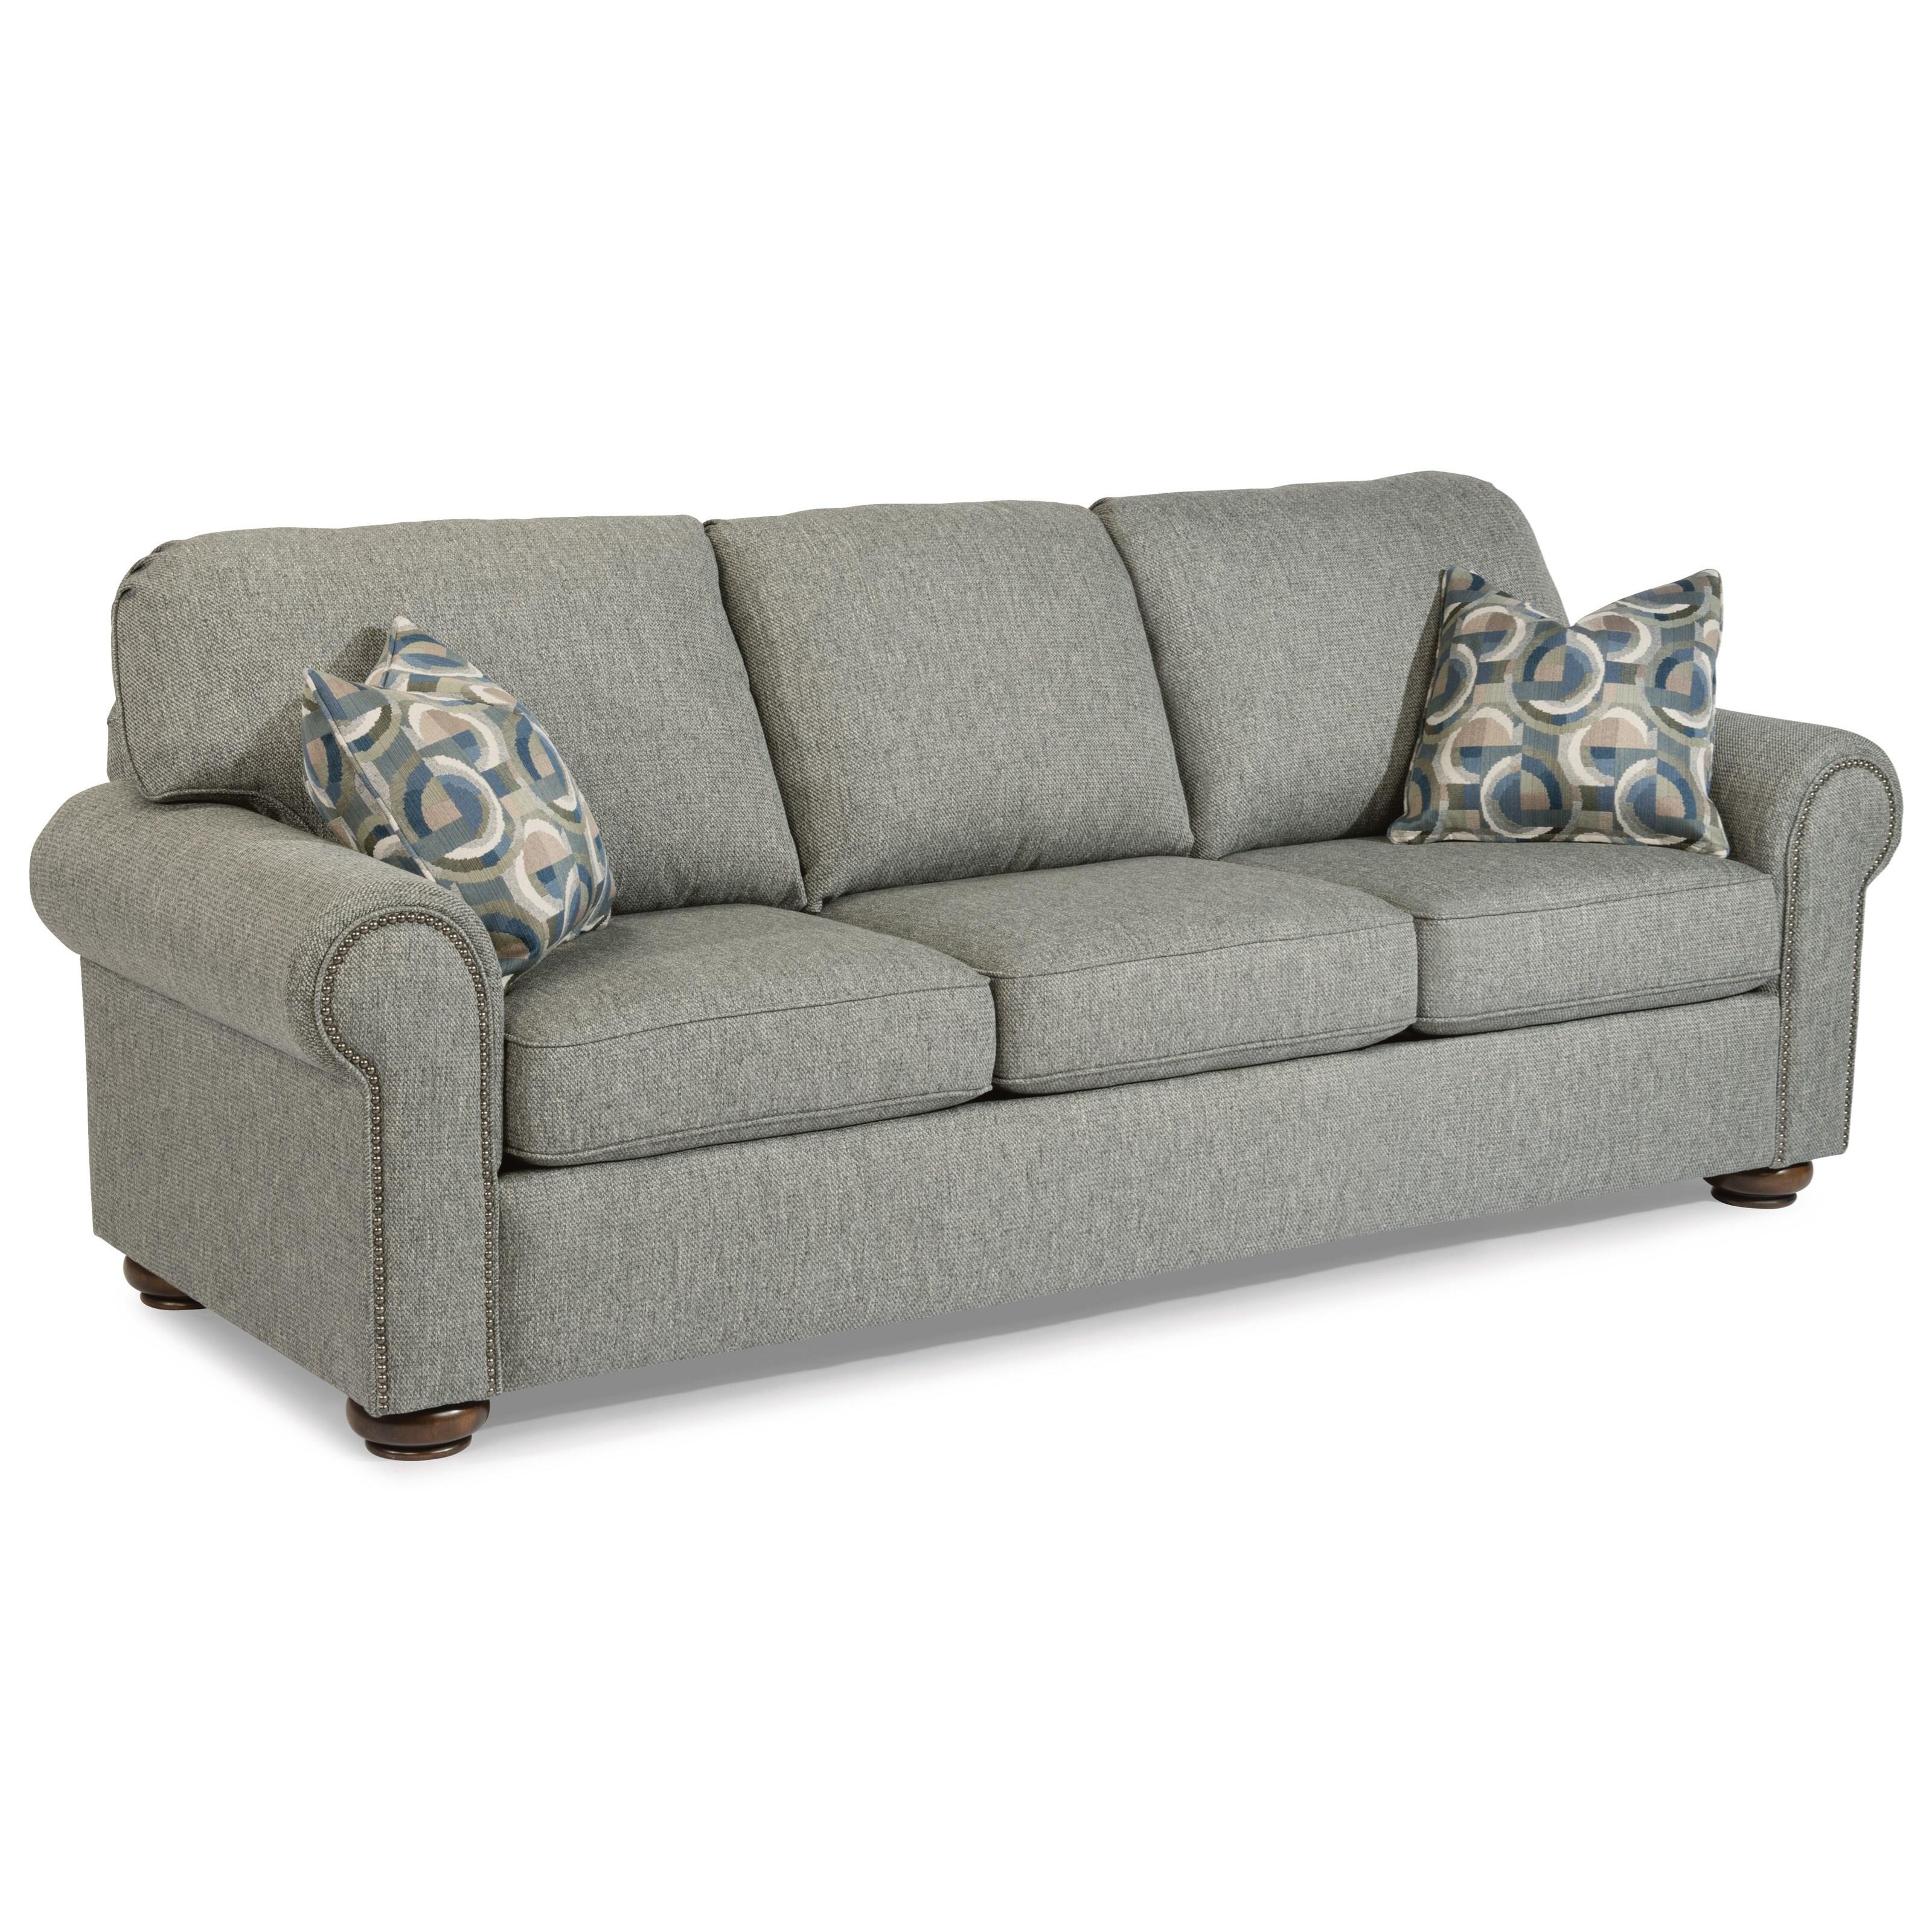 Flexsteel Sofa Bed Mattress: Flexsteel Preston Traditional Queen Sleeper Sofa With